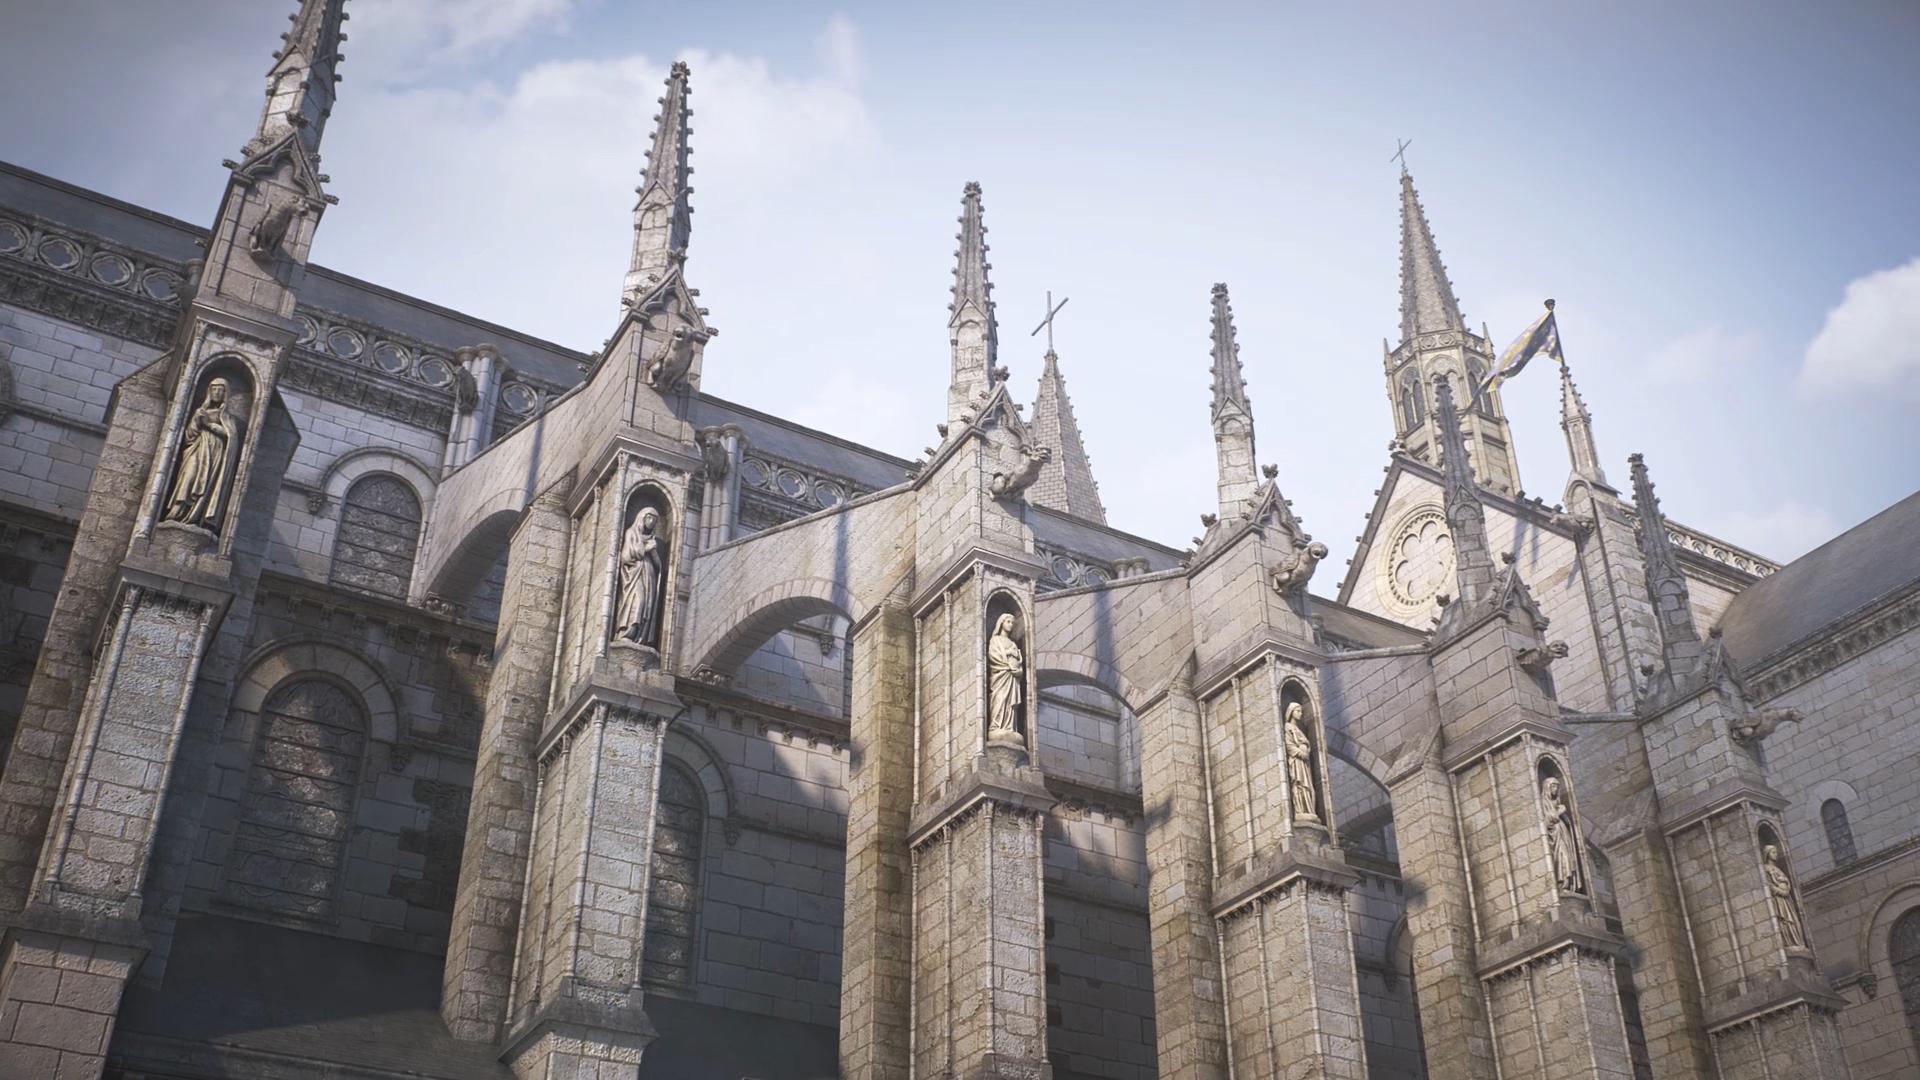 Modélisation pour restitution 3D du Cloître de la collégiale Saint Martin